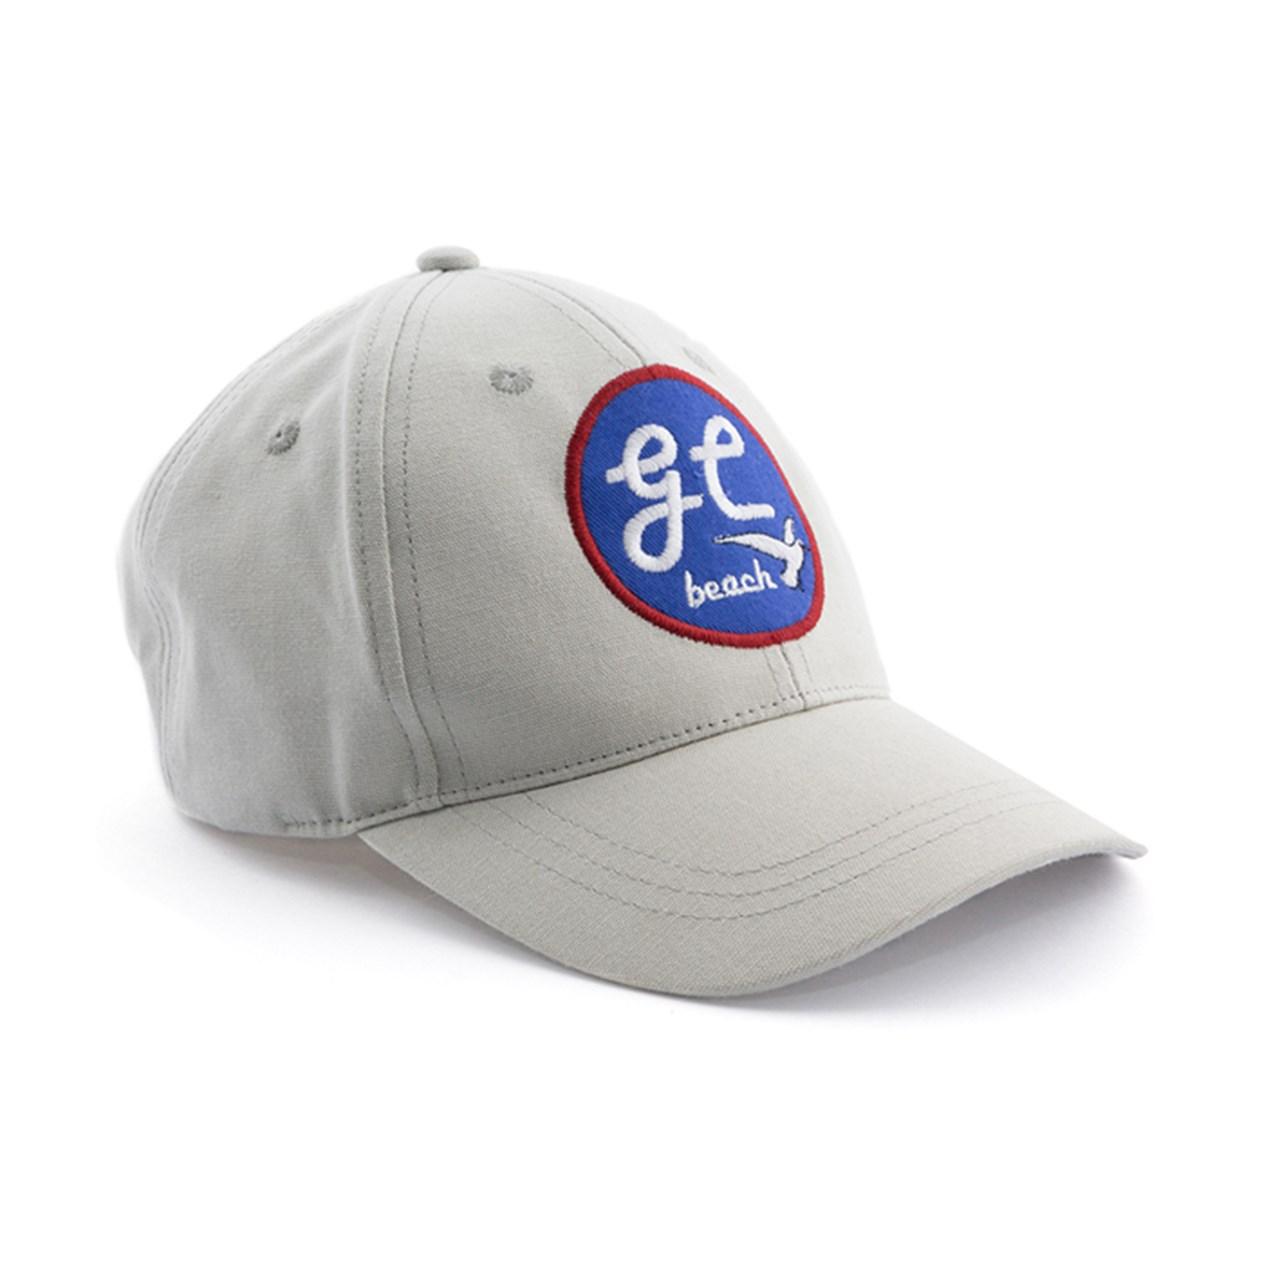 کلاه پسرانه گوکو کد 50